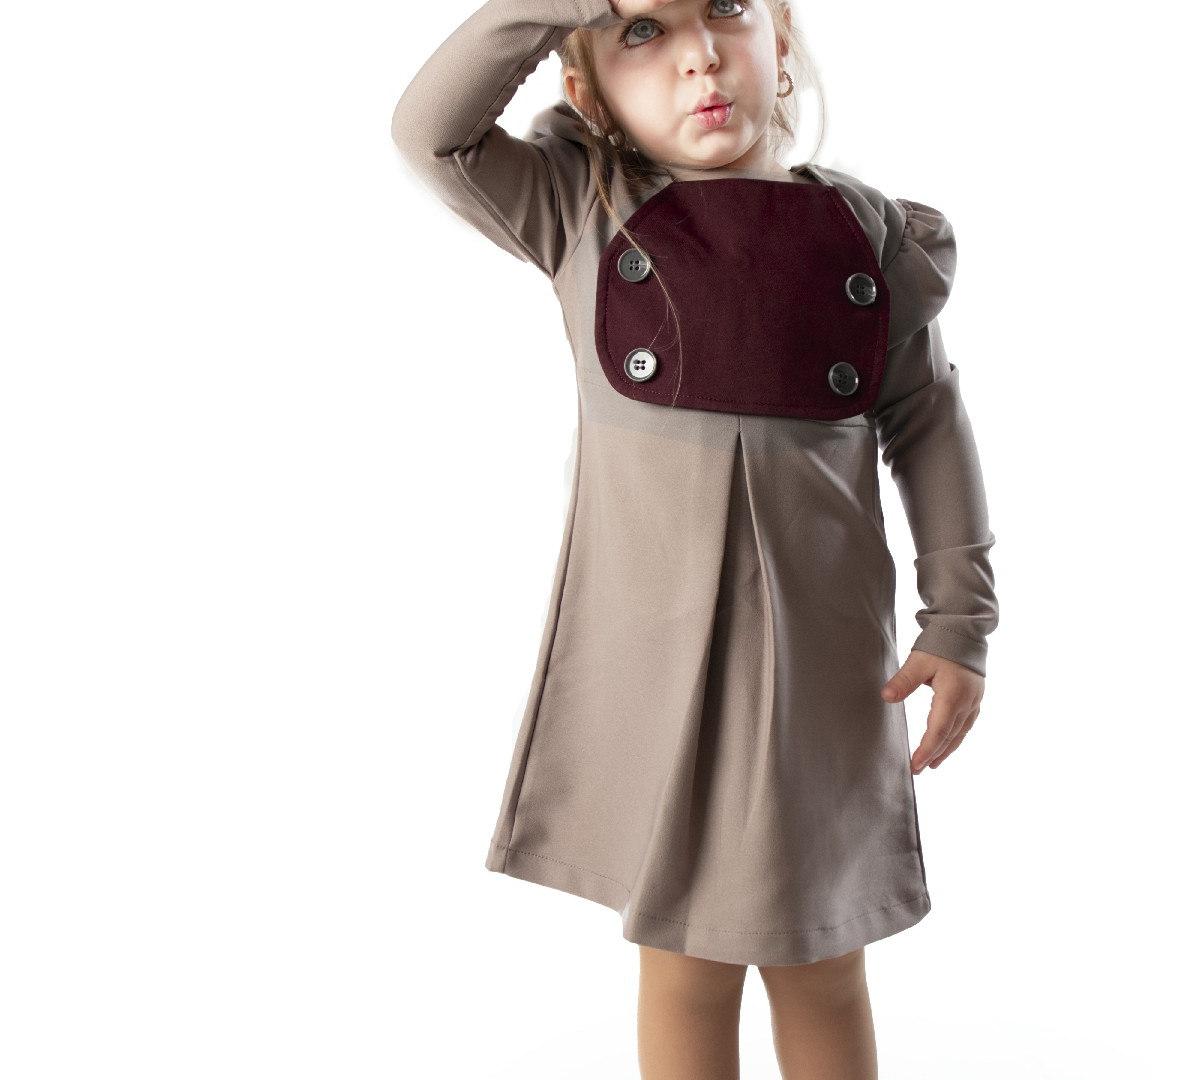 שמלה קלאס malaya | מאליה אופנת ילדים